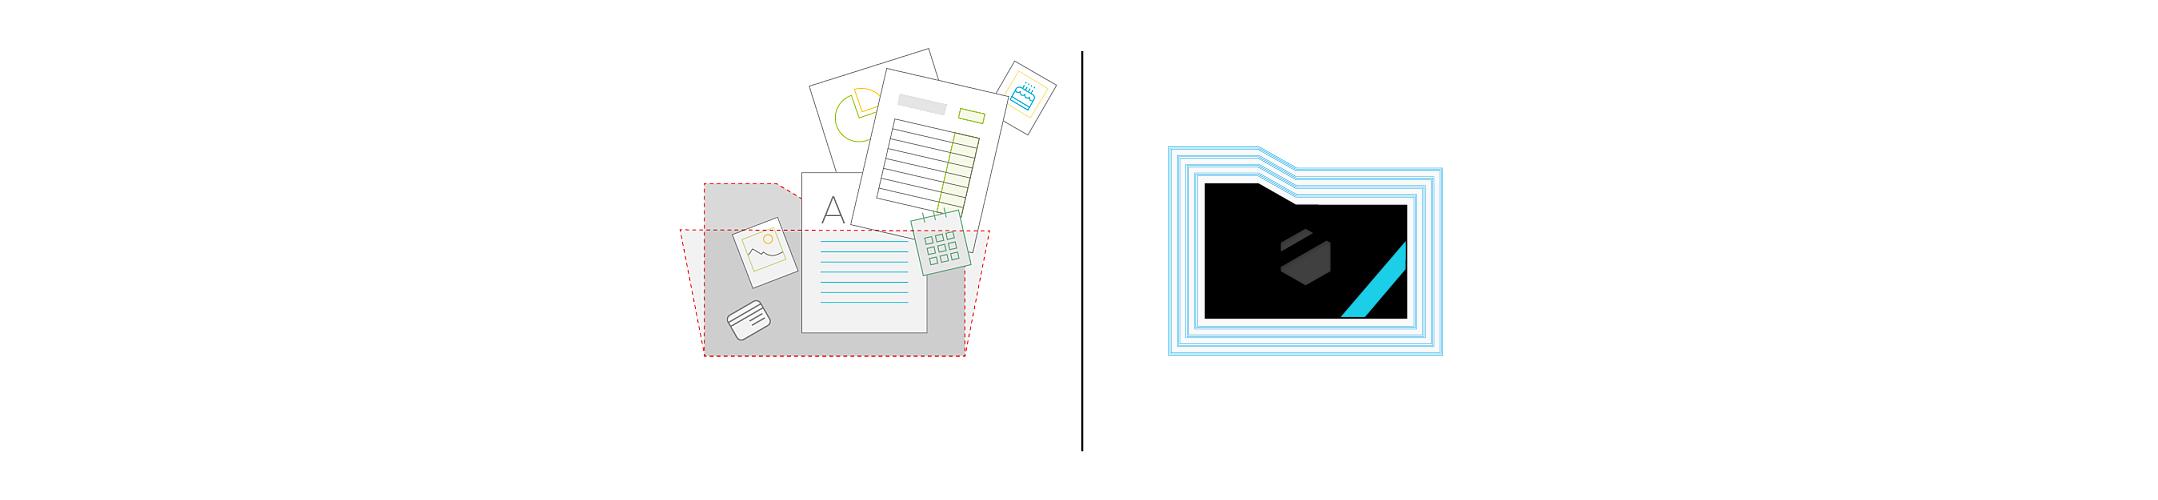 Dropbox-Hack: Warum es auf Ende-zu-Ende-Verschlüsselung ankommt